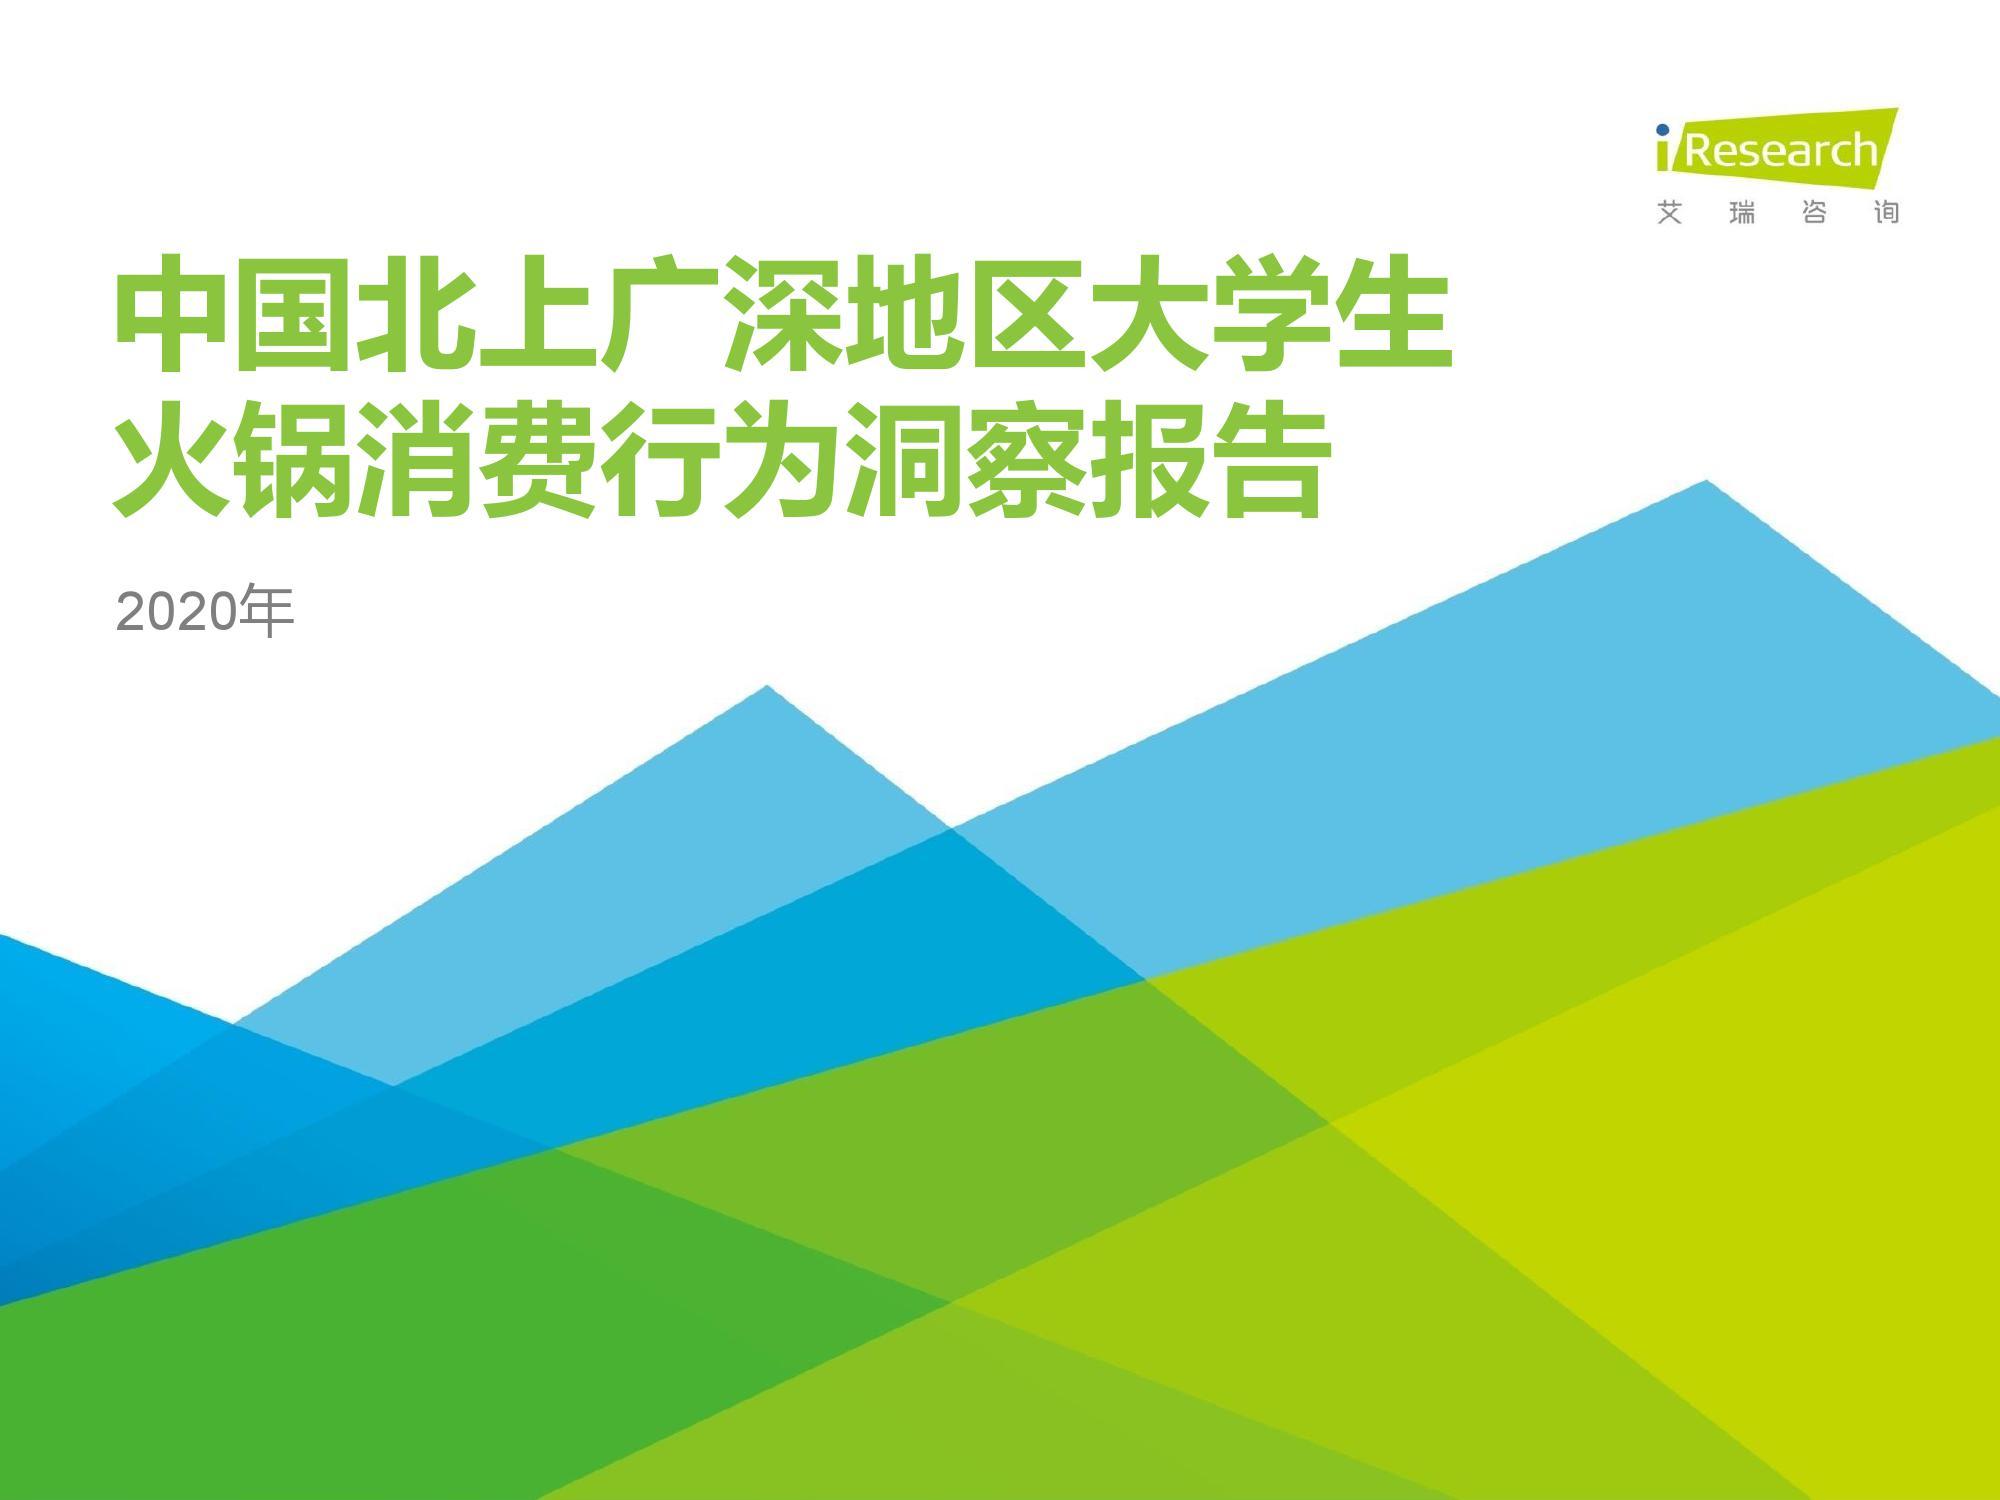 艾瑞咨询:2020年中国北上广深地区大学生火锅消费行为洞察报告(附下载)